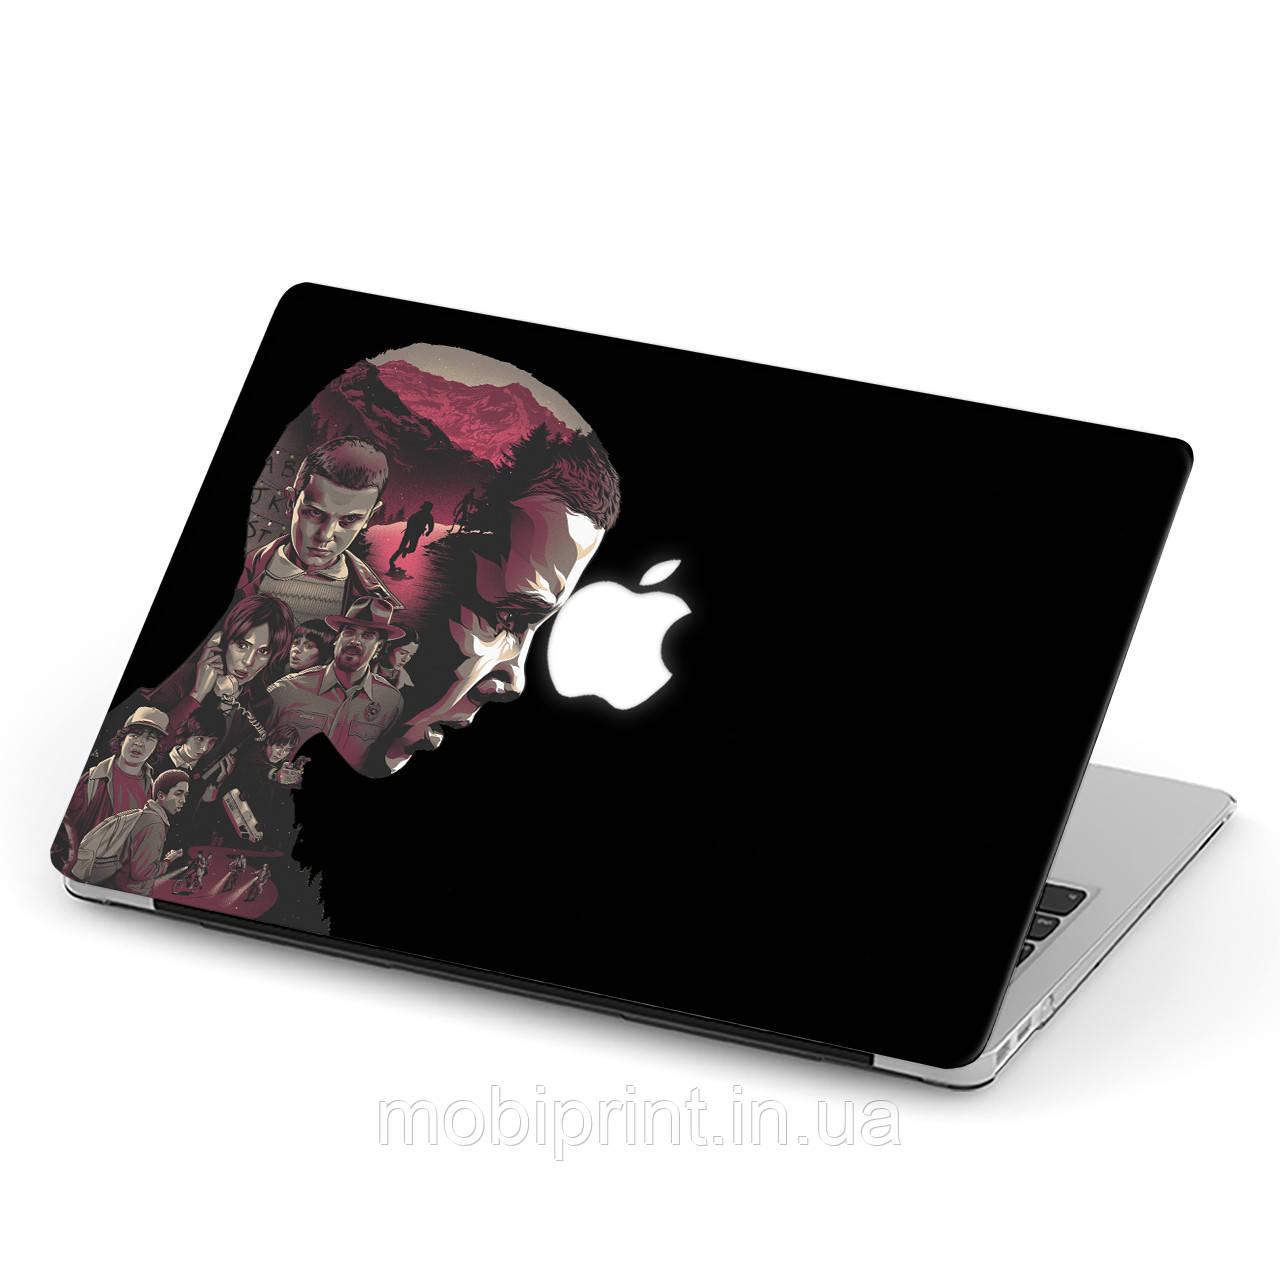 Чехол пластиковый для Apple MacBook Pro / Air Одиннадцать (Eleven) макбук про case hard cover